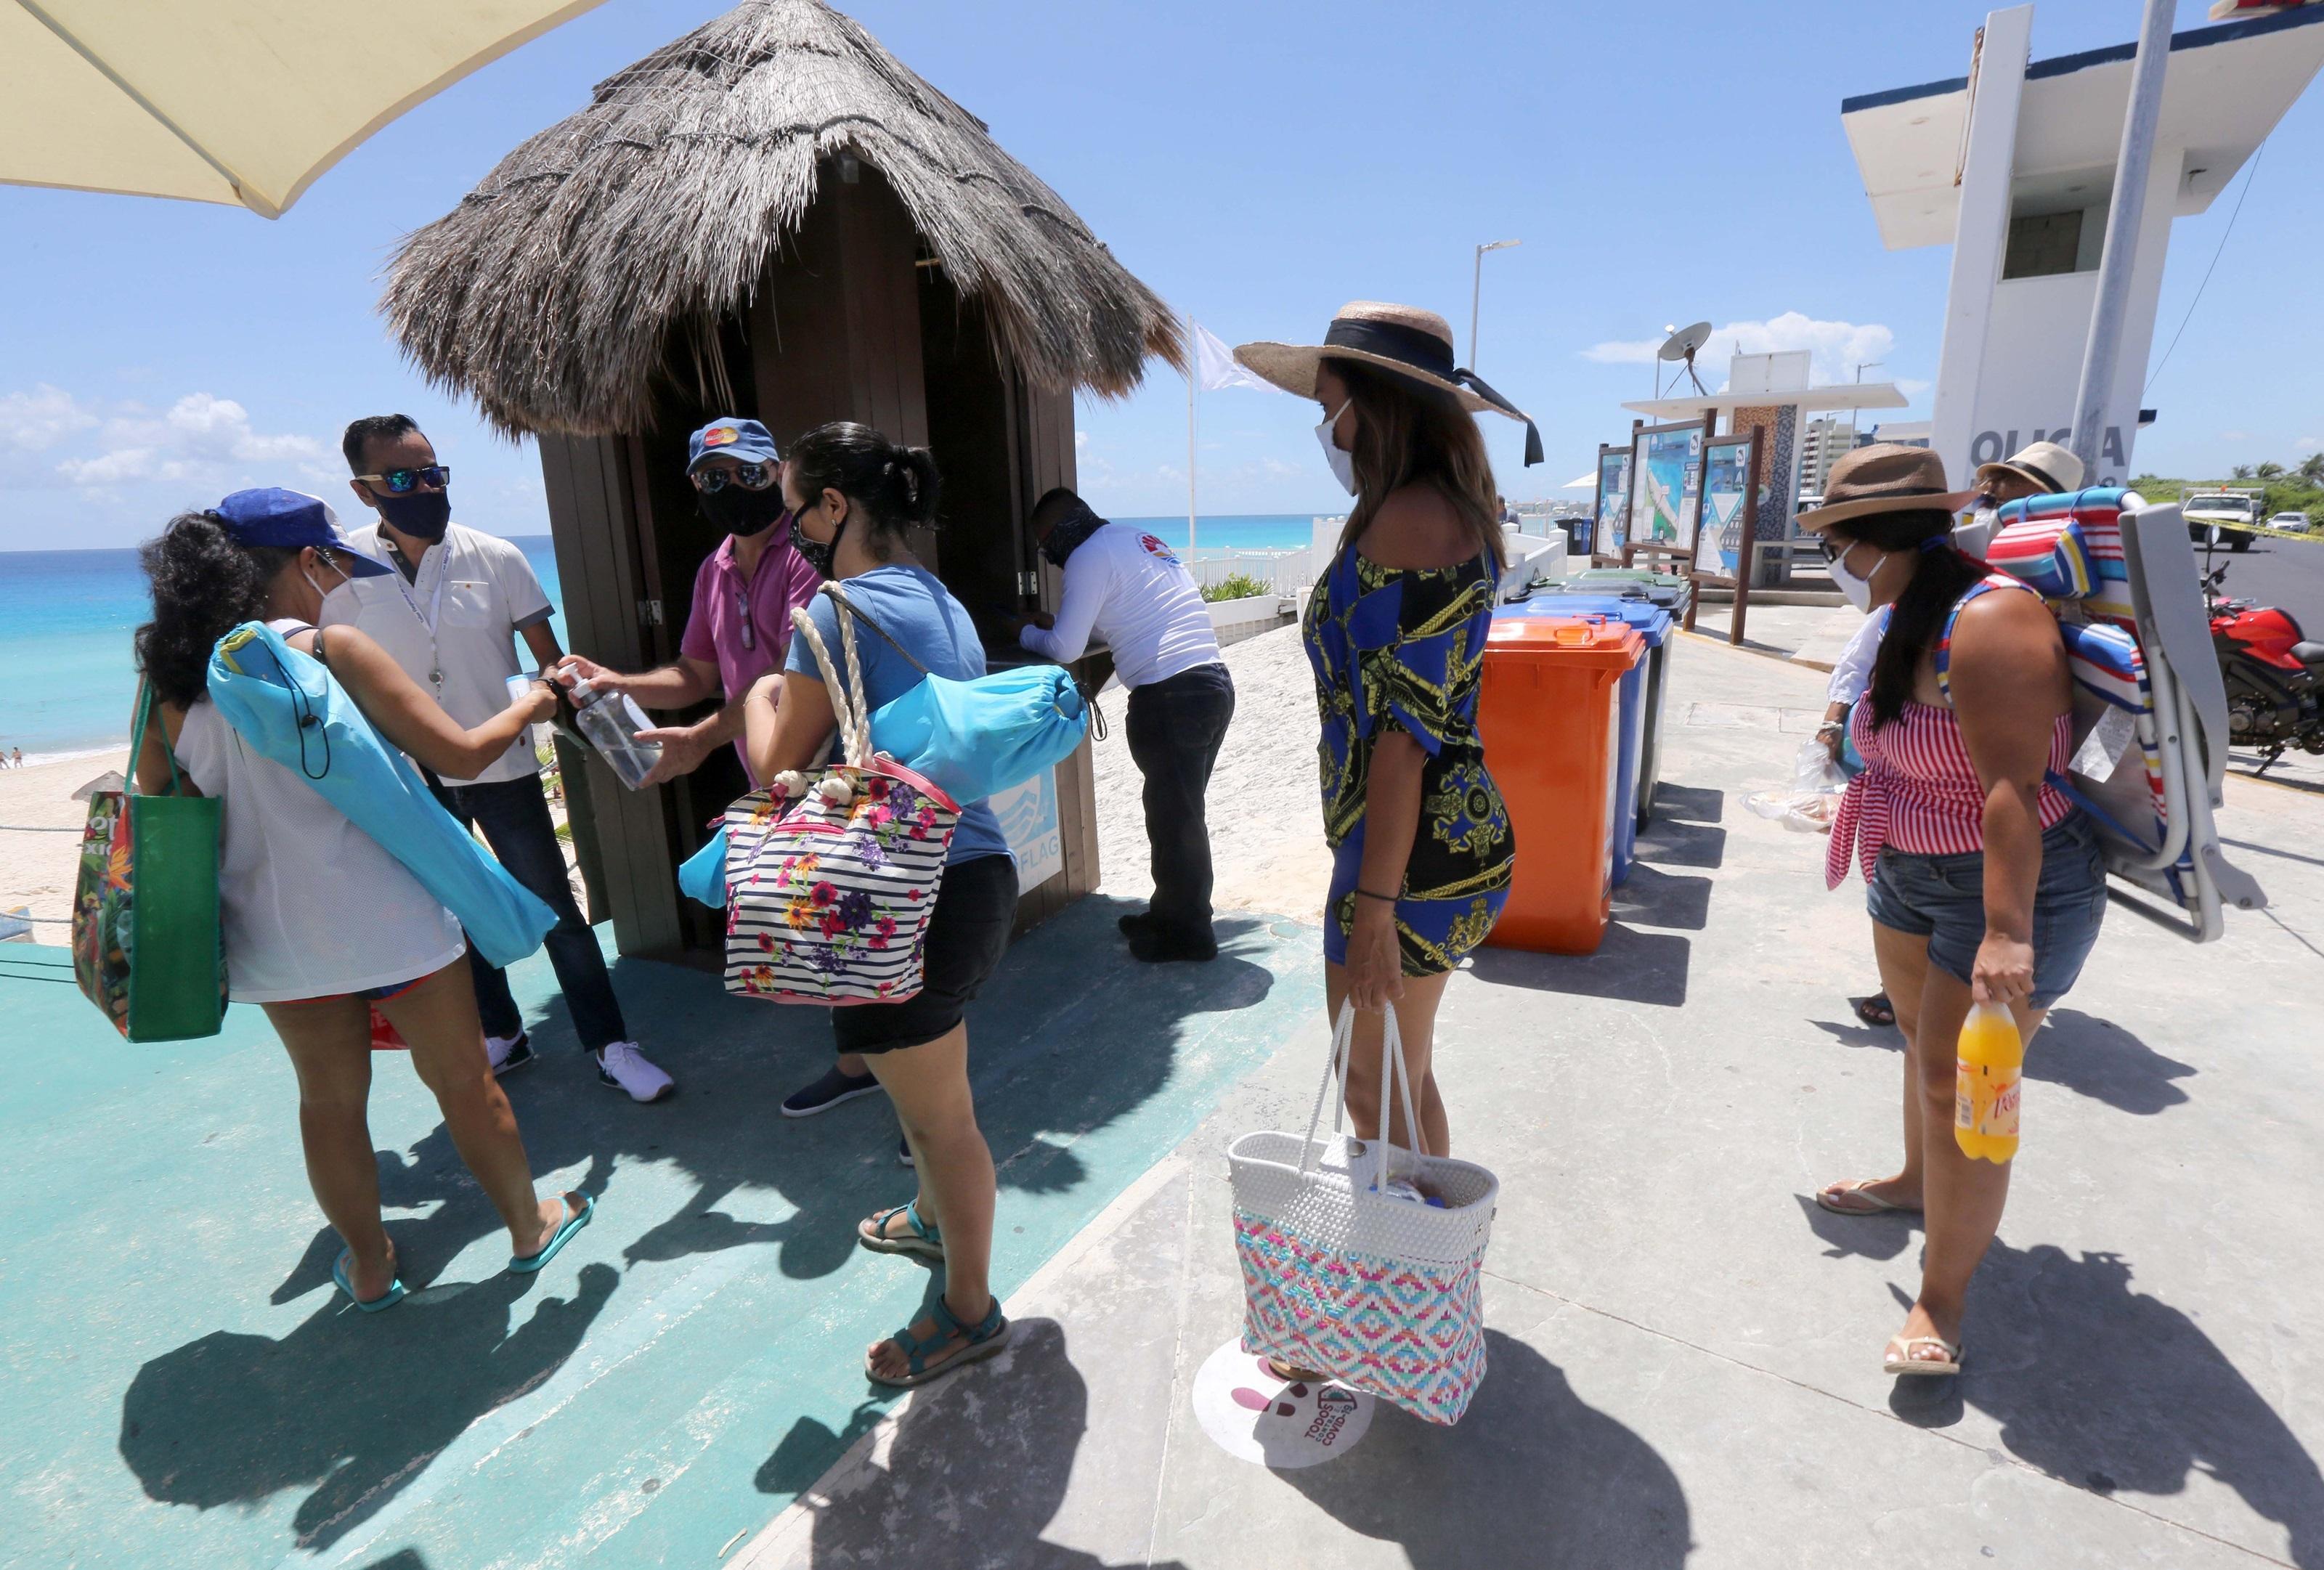 Turistas llegan hoy al balneario de Cancún, en el estado de Quintana Roo (México). EFE/ Alonso Cupul/Archivo